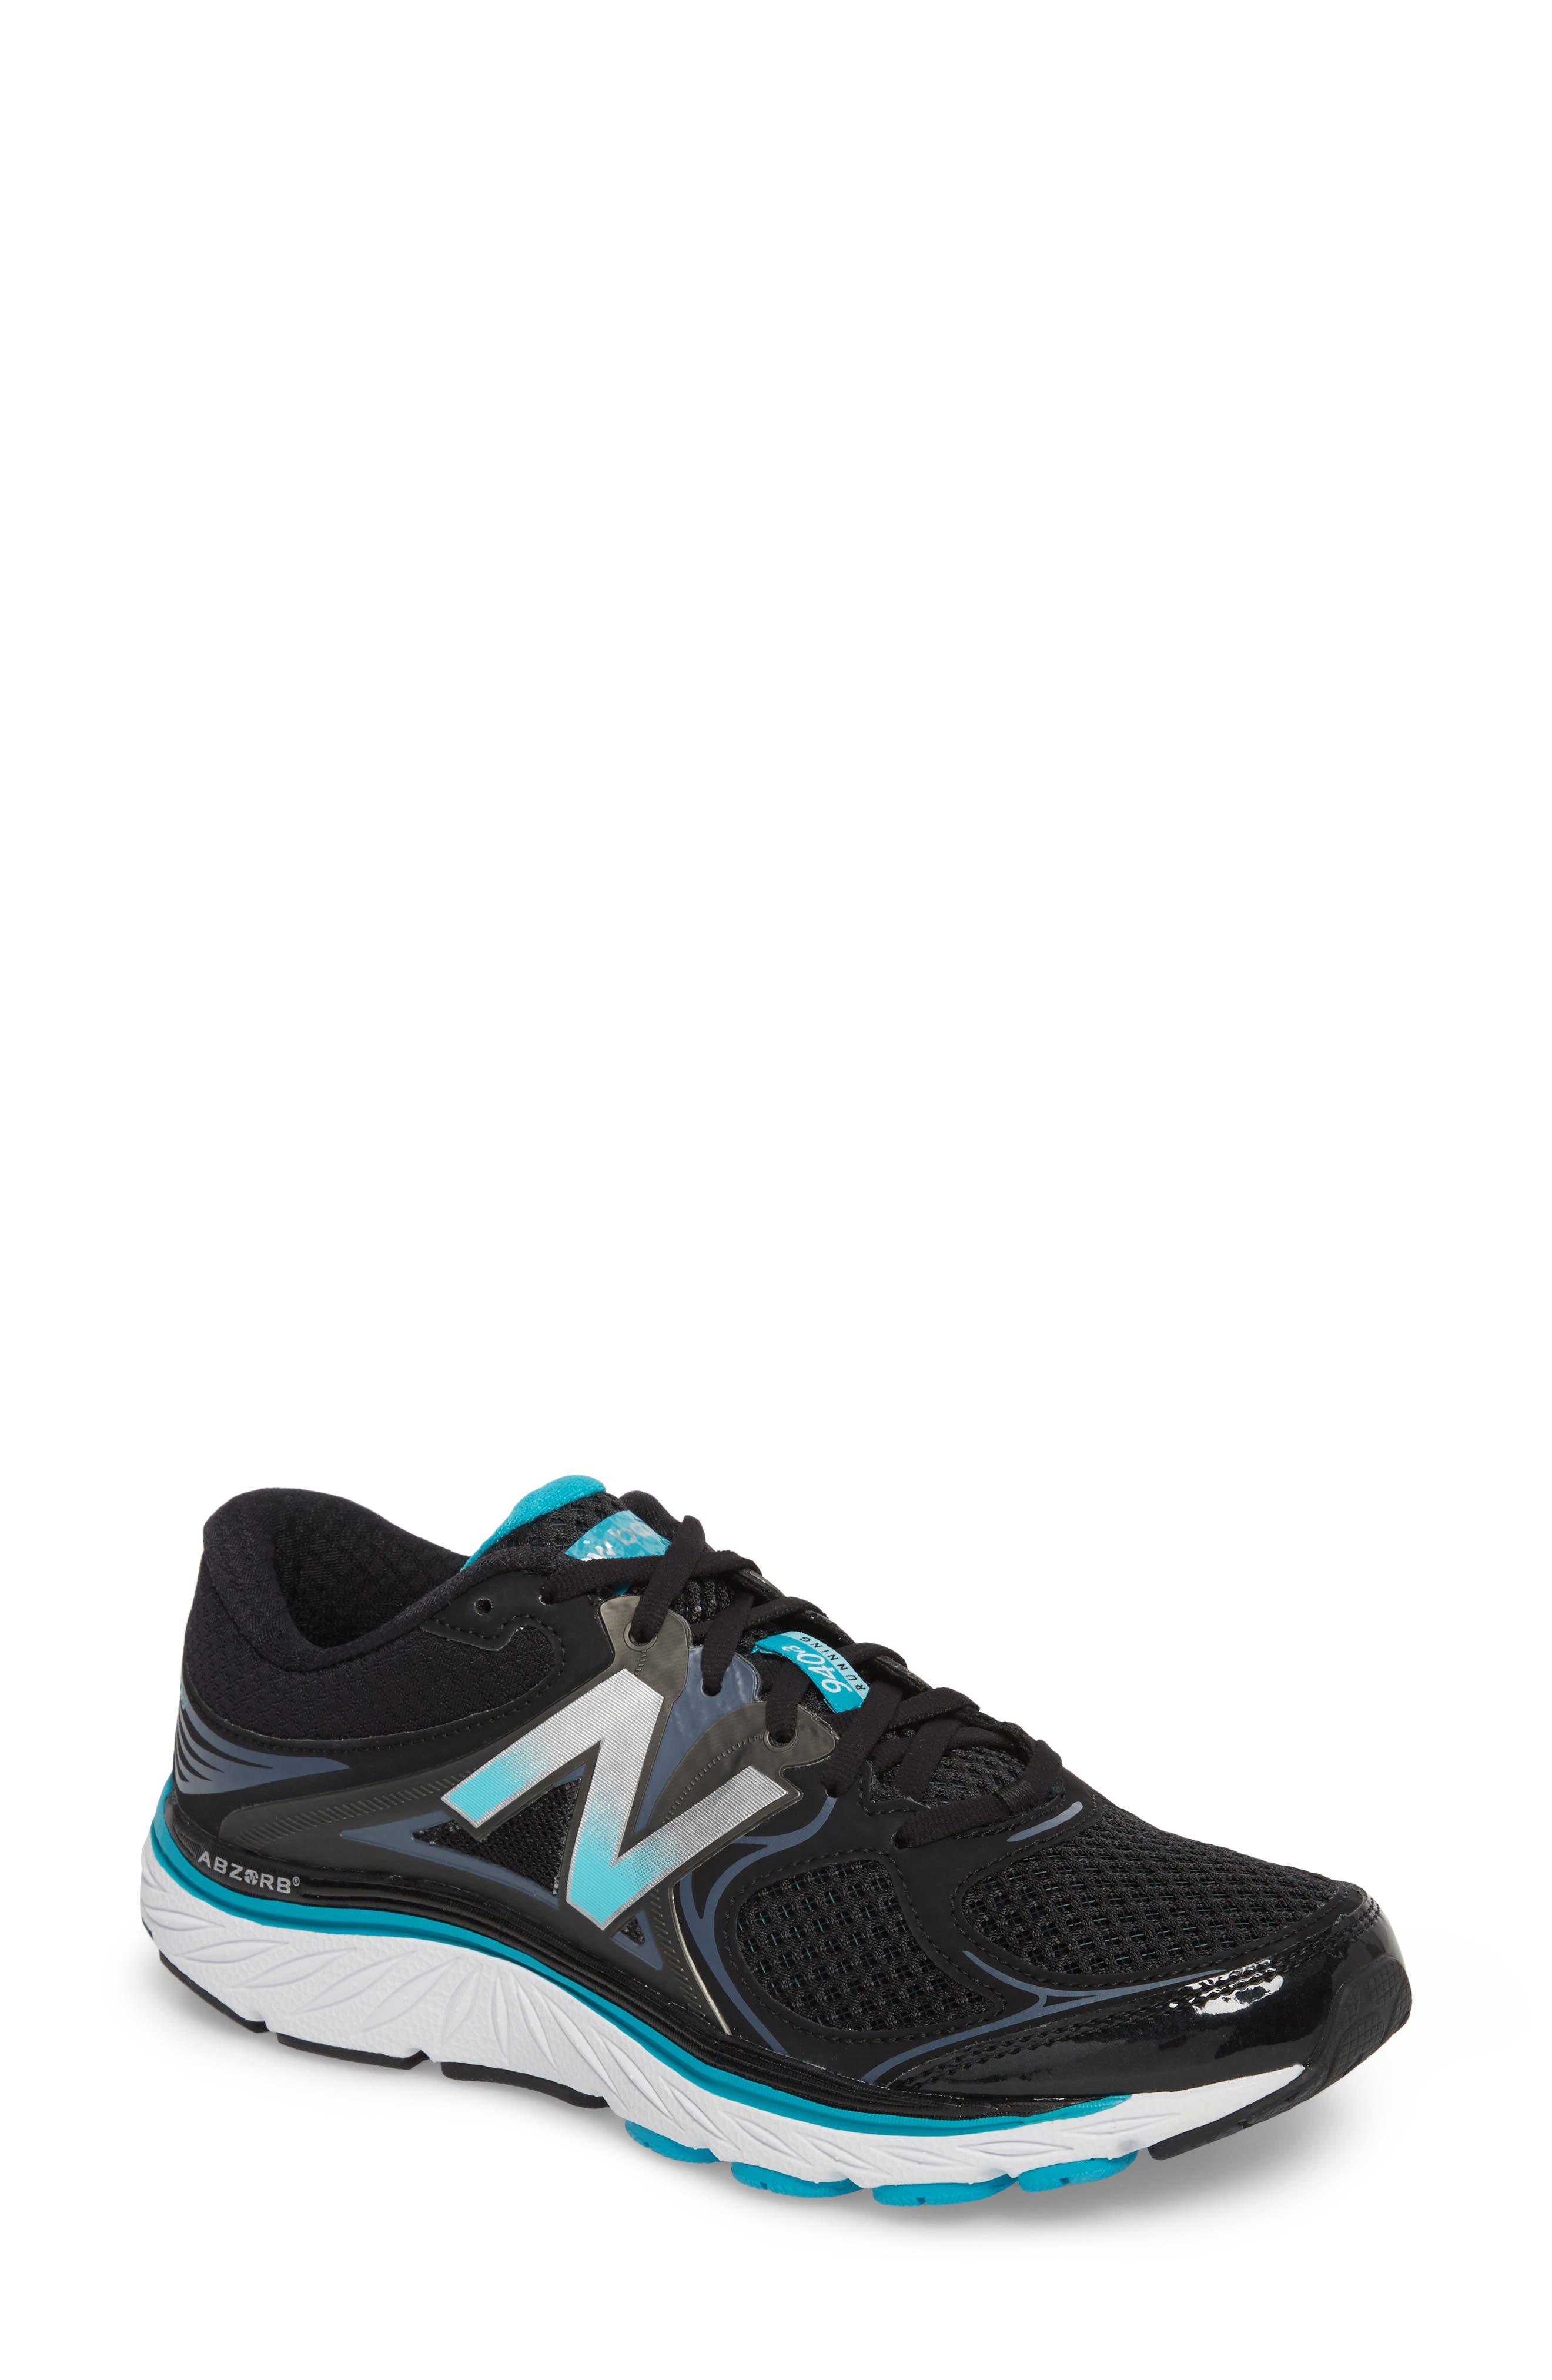 940v3 Running Shoe,                         Main,                         color, BLACK/ BLUE